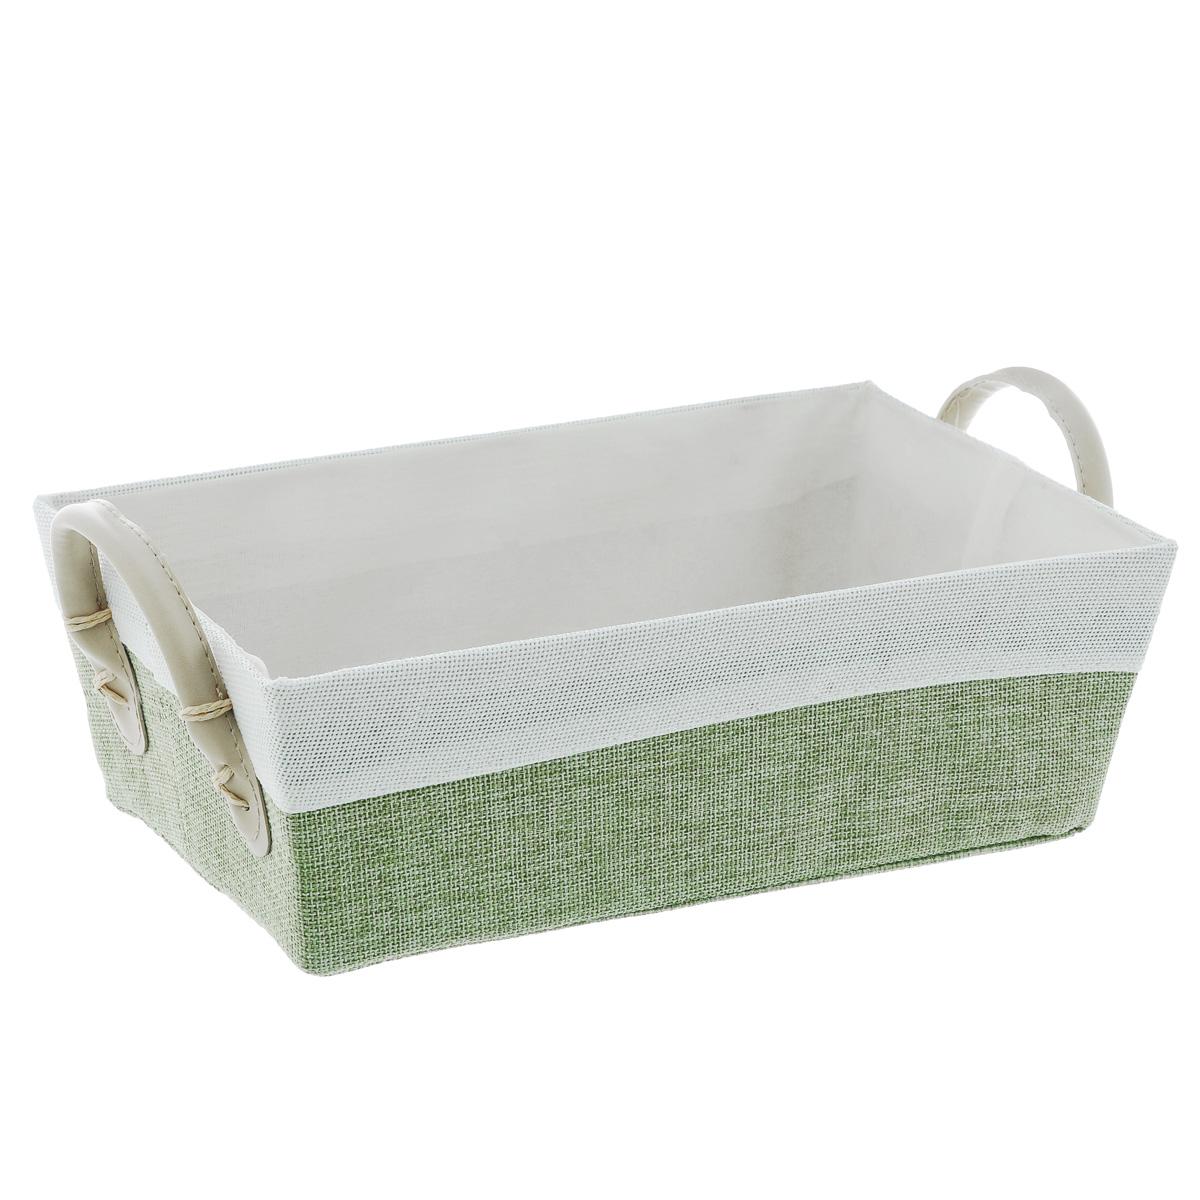 Корзина Kesper, с ручками, цвет: белый, светло-зеленый, 29 х 16 х 9,5 см1930-7Прямоугольная корзина Kesper изготовлена из высококачественного пластика и обшита ярким текстилем. Она предназначена для хранения хлеба, а также мелочей дома или на даче. Позволяет хранить мелкие вещи, исключая возможность их потери. Изделие оснащено удобными ручками из искусственной кожи. Корзина очень вместительная. Элегантный выдержанный дизайн позволяет органично вписаться в ваш интерьер и стать его элементом. Размер корзины по верхнему краю (без учета ручек): 29 х 16 см. Высота корзины (без учета ручек): 9,5 см.